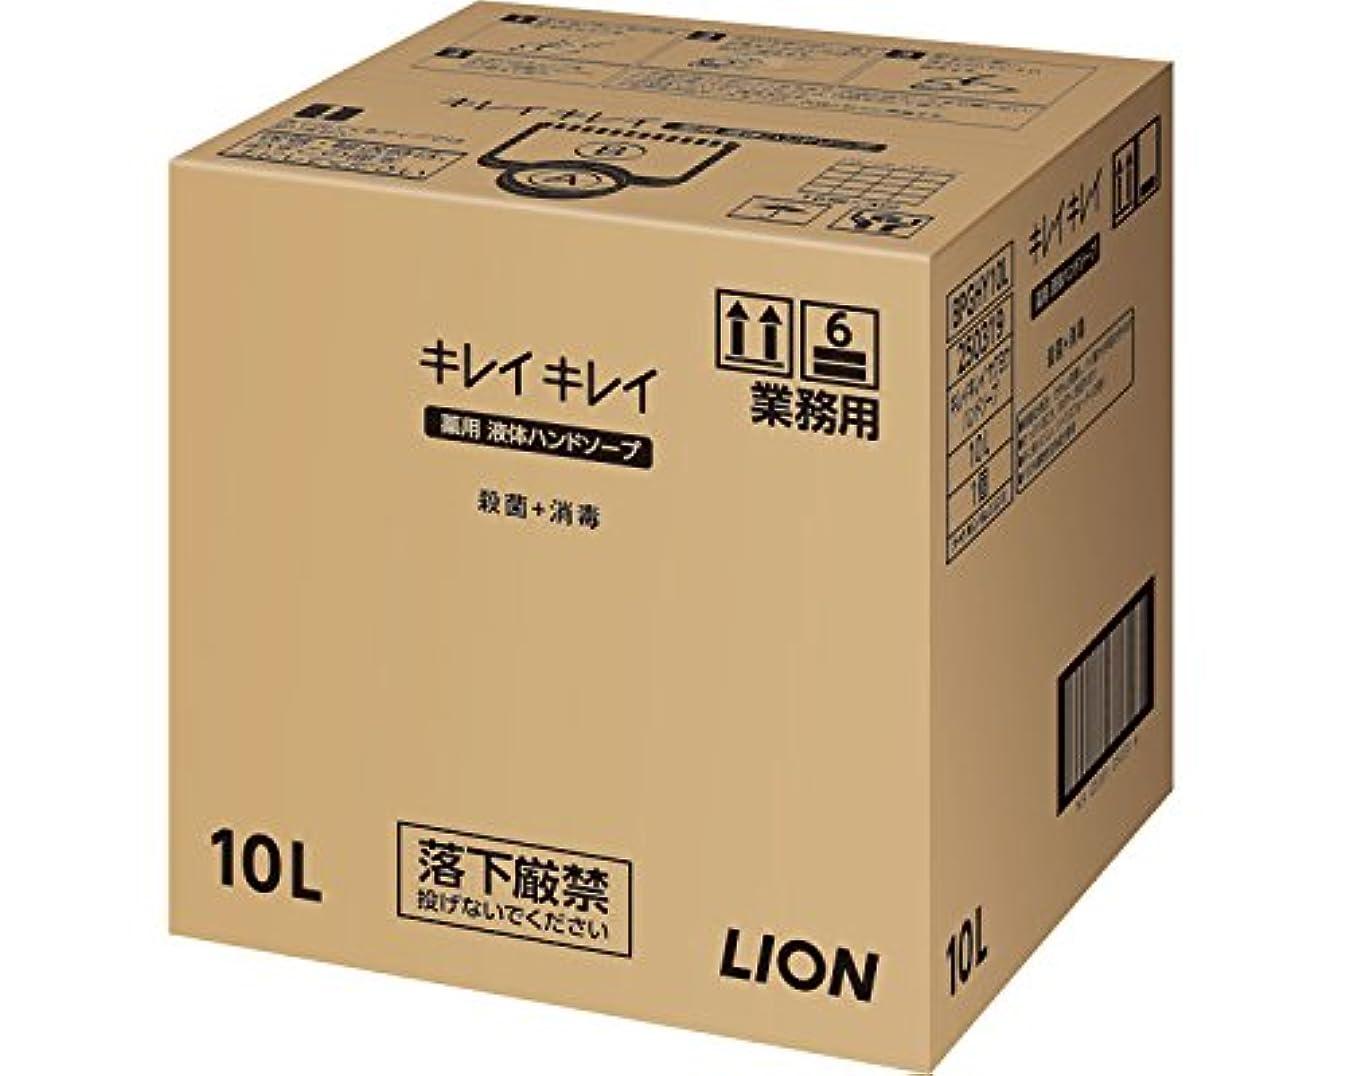 ライオン才能エレメンタルキレイキレイ薬用ハンドソープ 10L (ライオンハイジーン) (清拭小物)